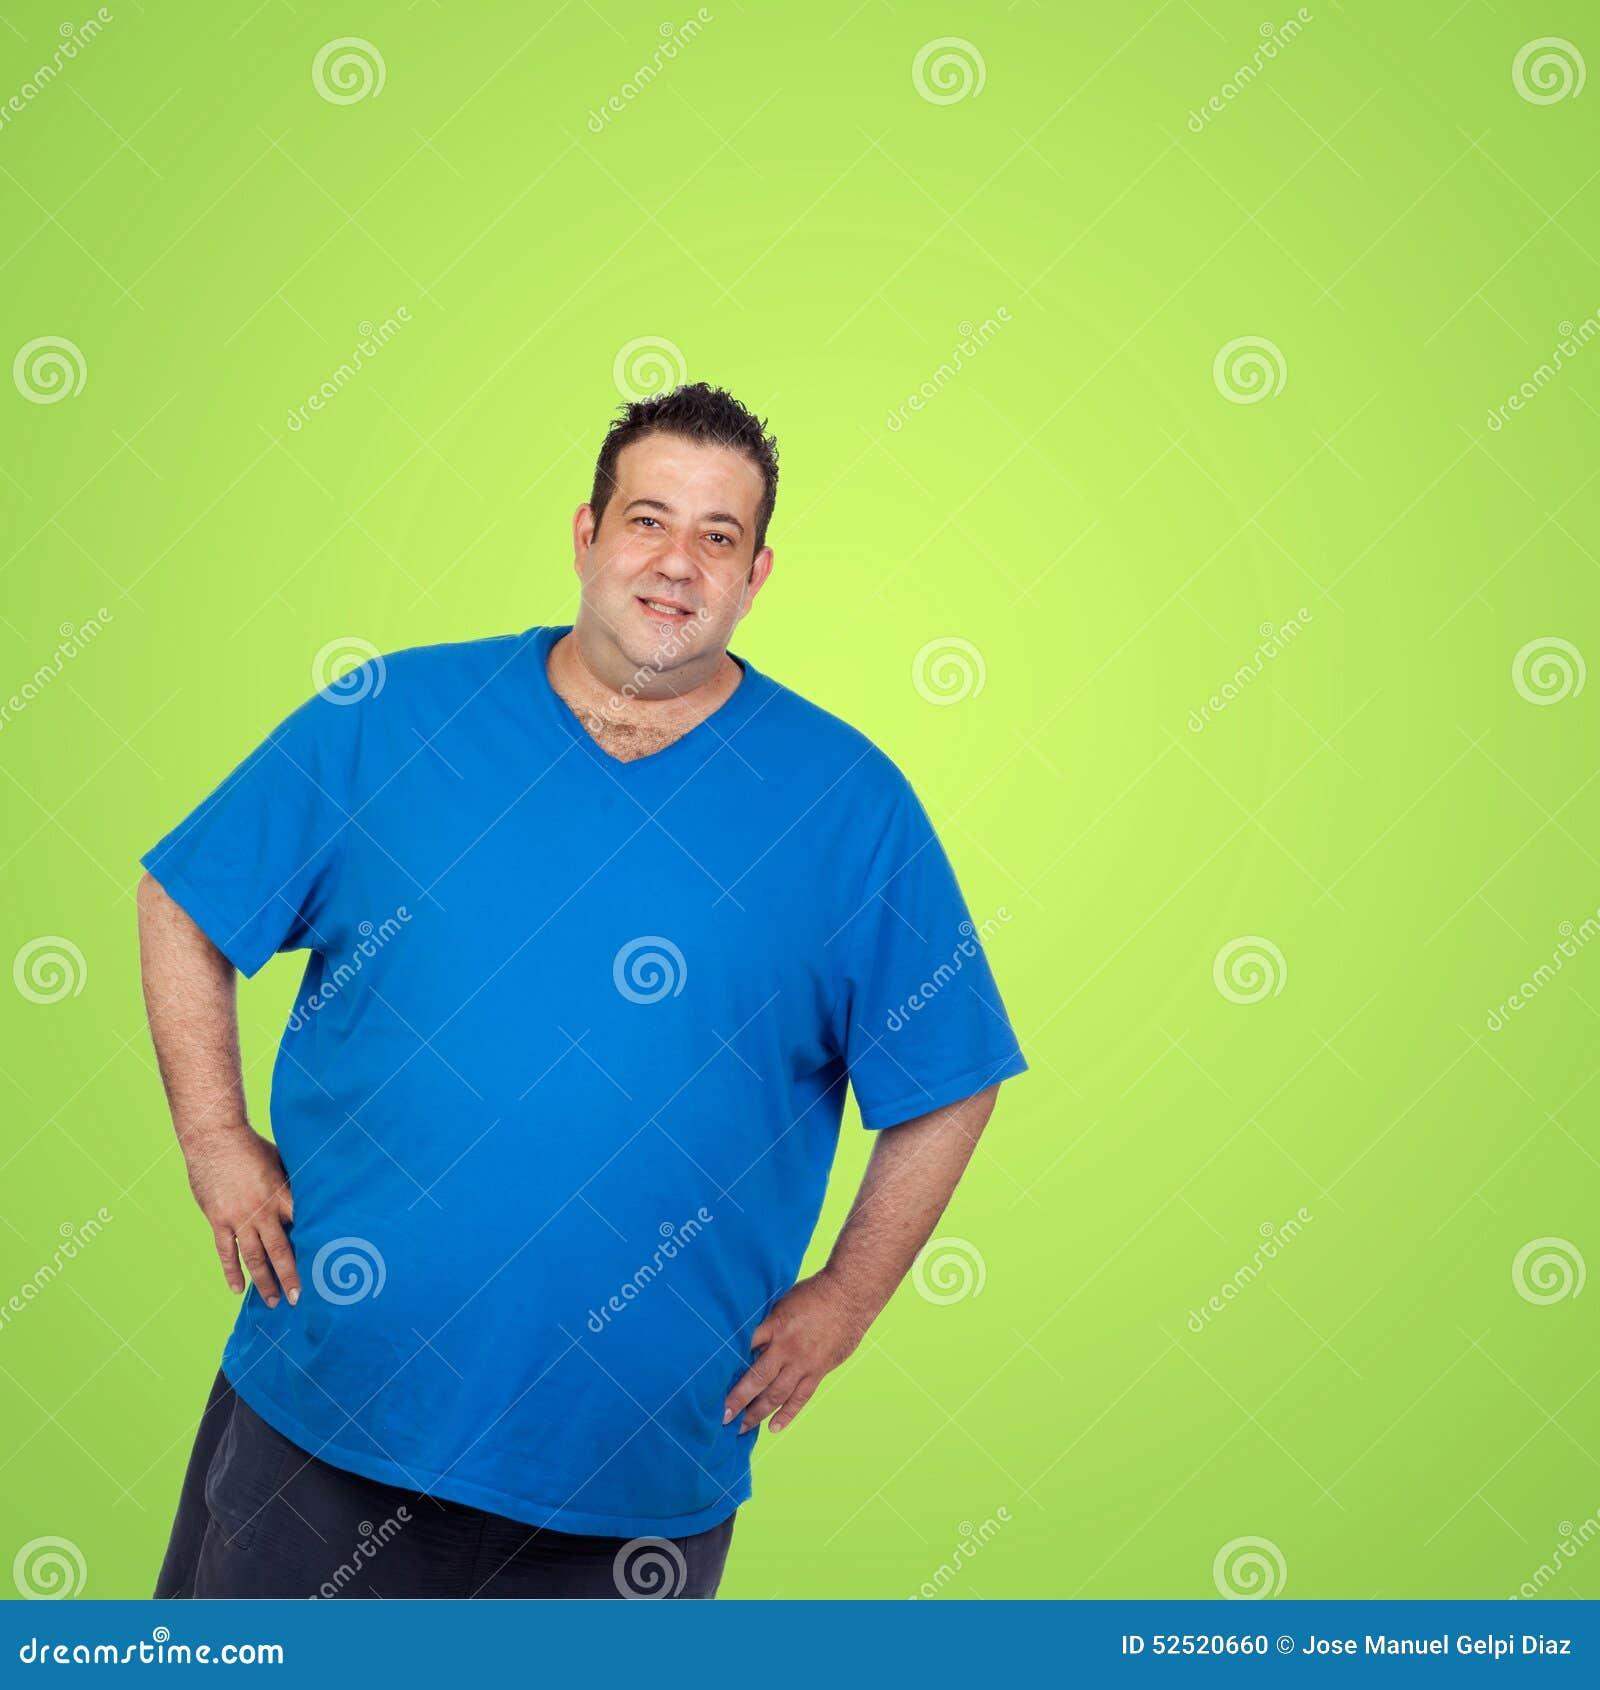 Feliz Camisa La Azul Archivo Gordo Imagen Hombre Con De Foto v7fbY6yg